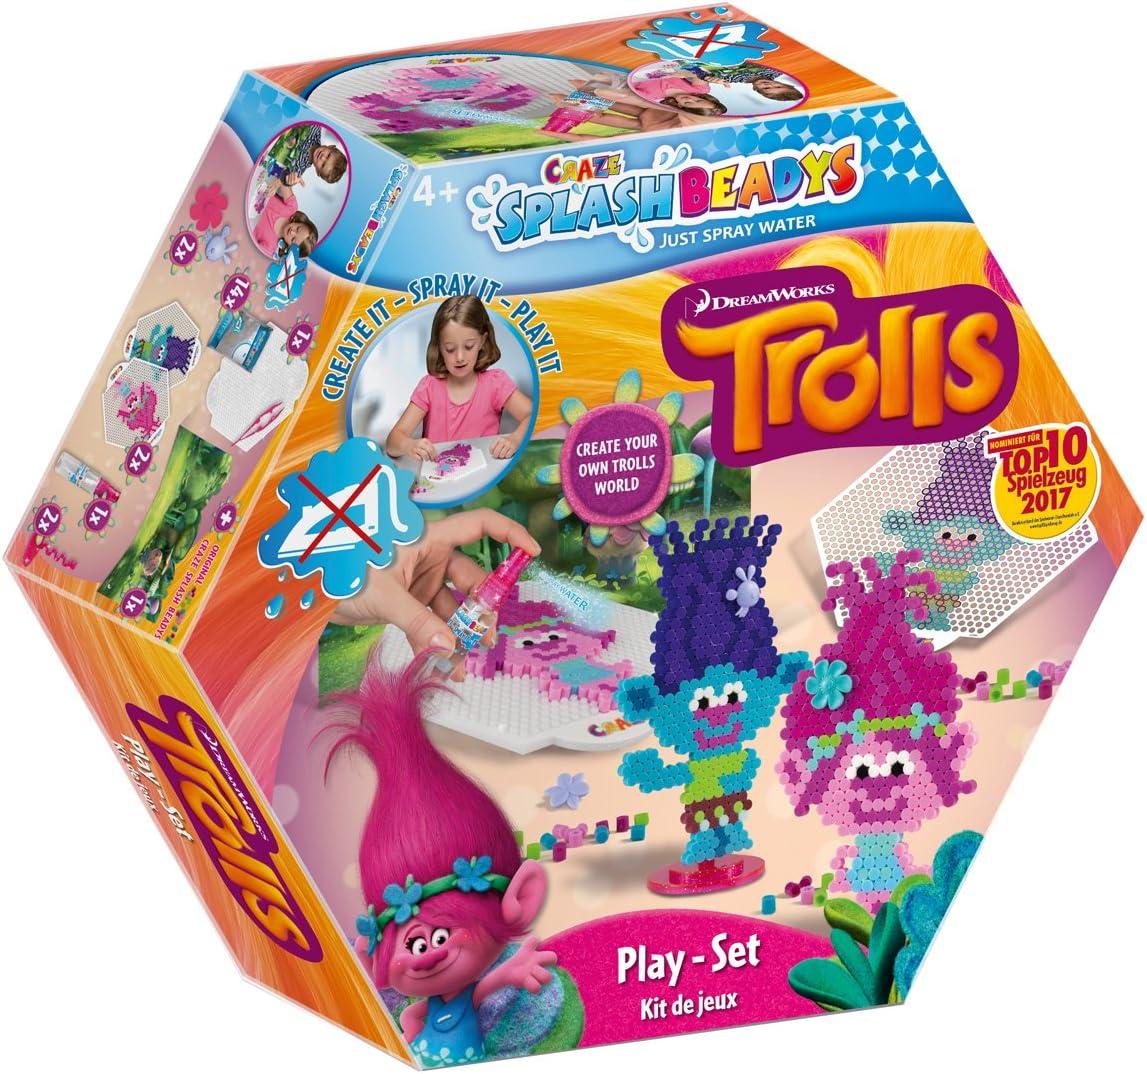 CRAZE Fuse Beads Splash BEADYS Trolls Set de Juego de Juguete con Cuentas de fusibles de Agua para niños 56838, Multicolor: Amazon.es: Juguetes y juegos